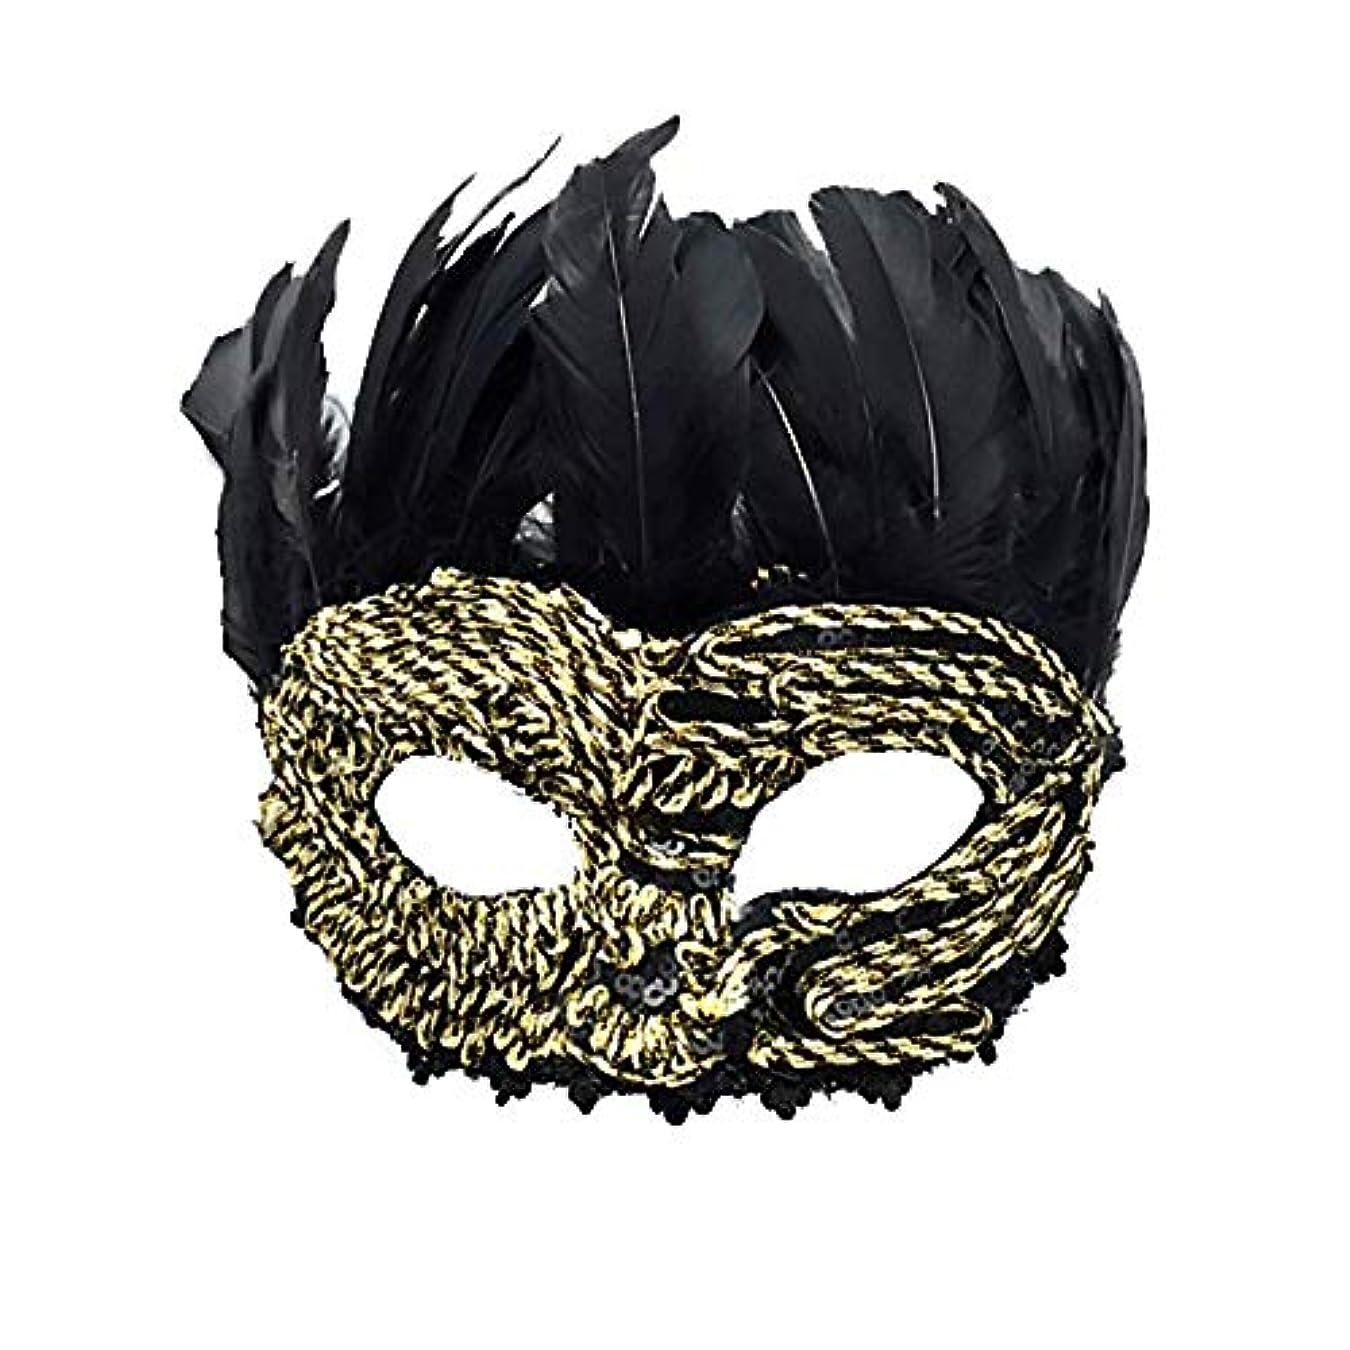 ゲスト光景スクラップブックNanle ハロウィーンクリスマスレースフェザースパンコール刺繍マスク仮装マスクレディーメンズミスプリンセス美容祭パーティーデコレーションマスク(カップルモデル) (色 : Style B)